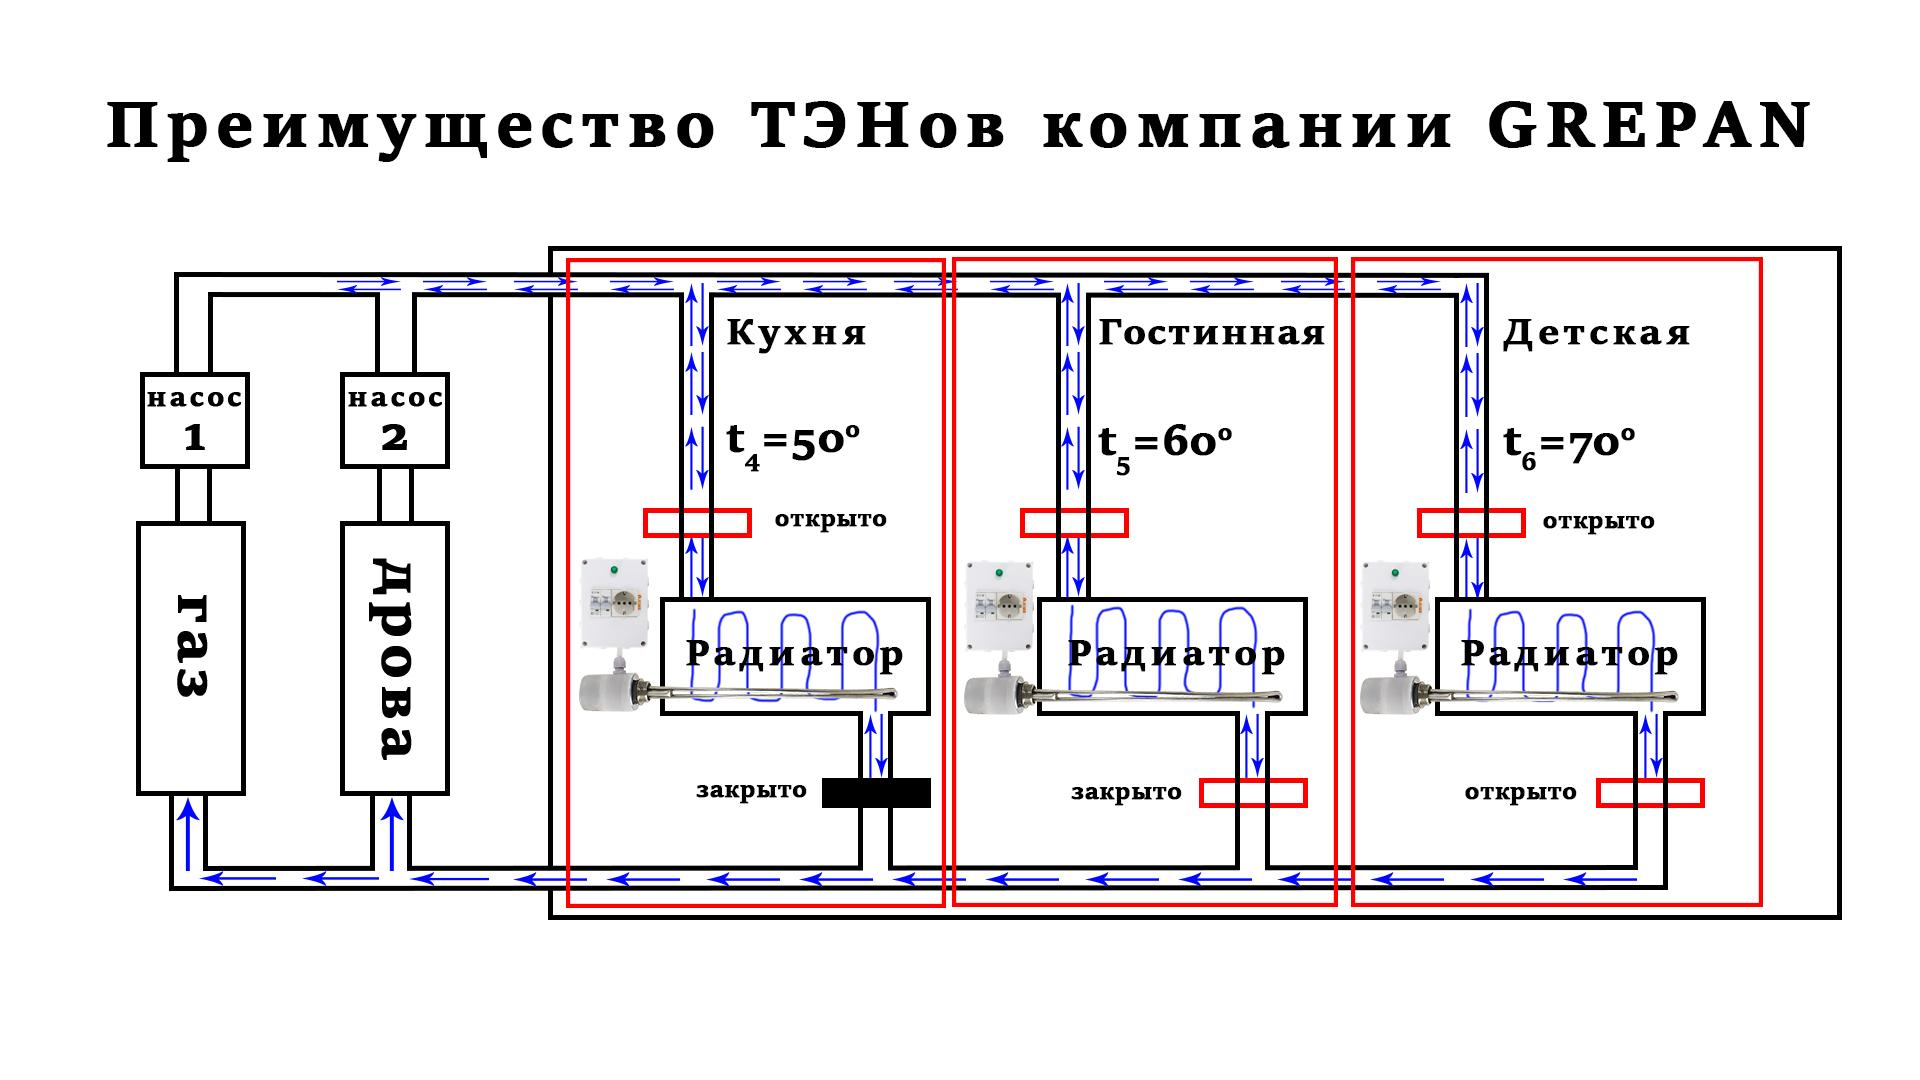 Монтаж и преимущество электрических ТЭНов перед газовым, электрическим и дровяным котлом